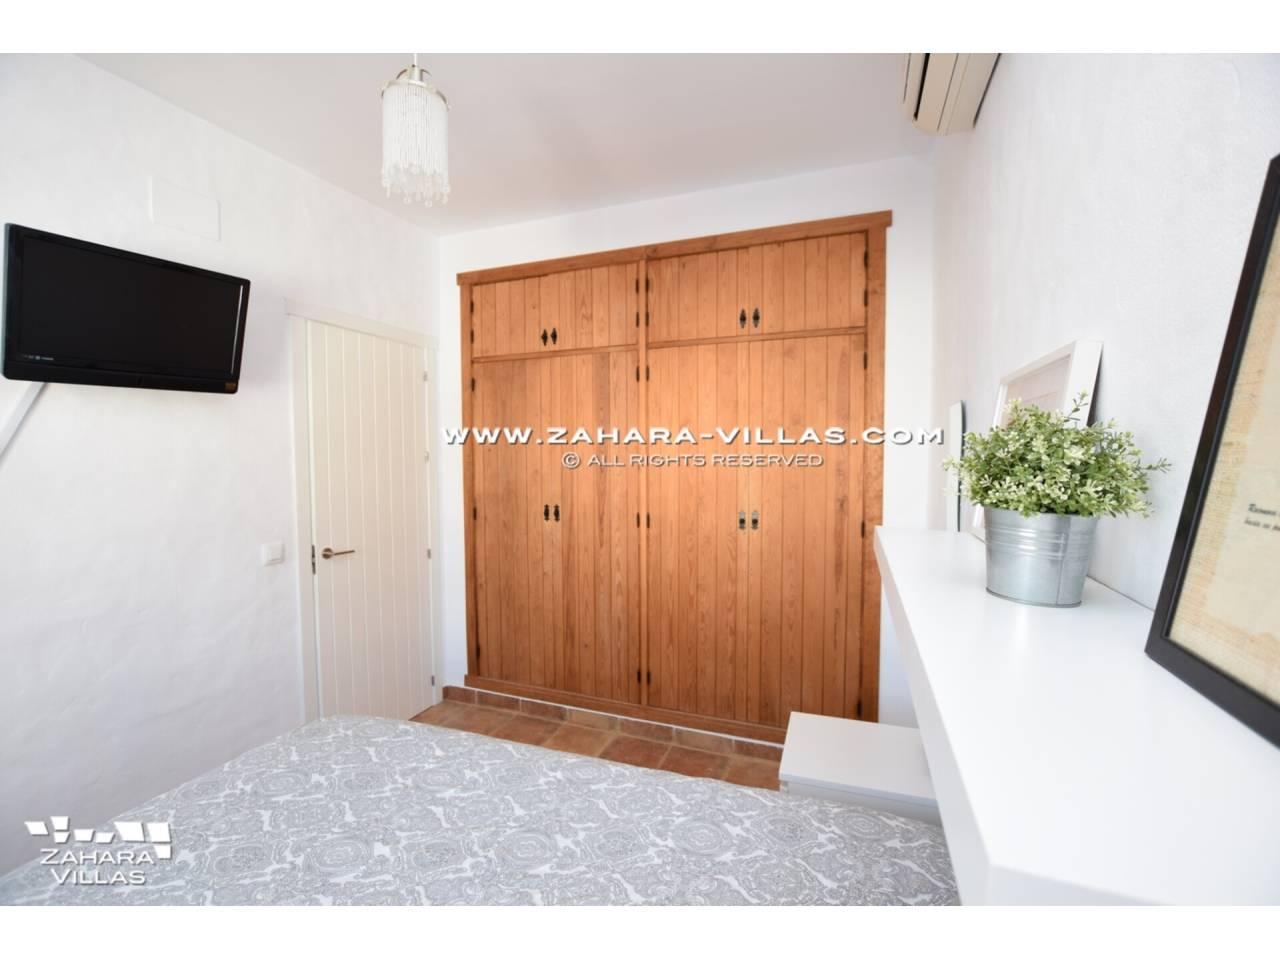 Imagen 23 de Haus zum verkauf in Zahara de los Atunes